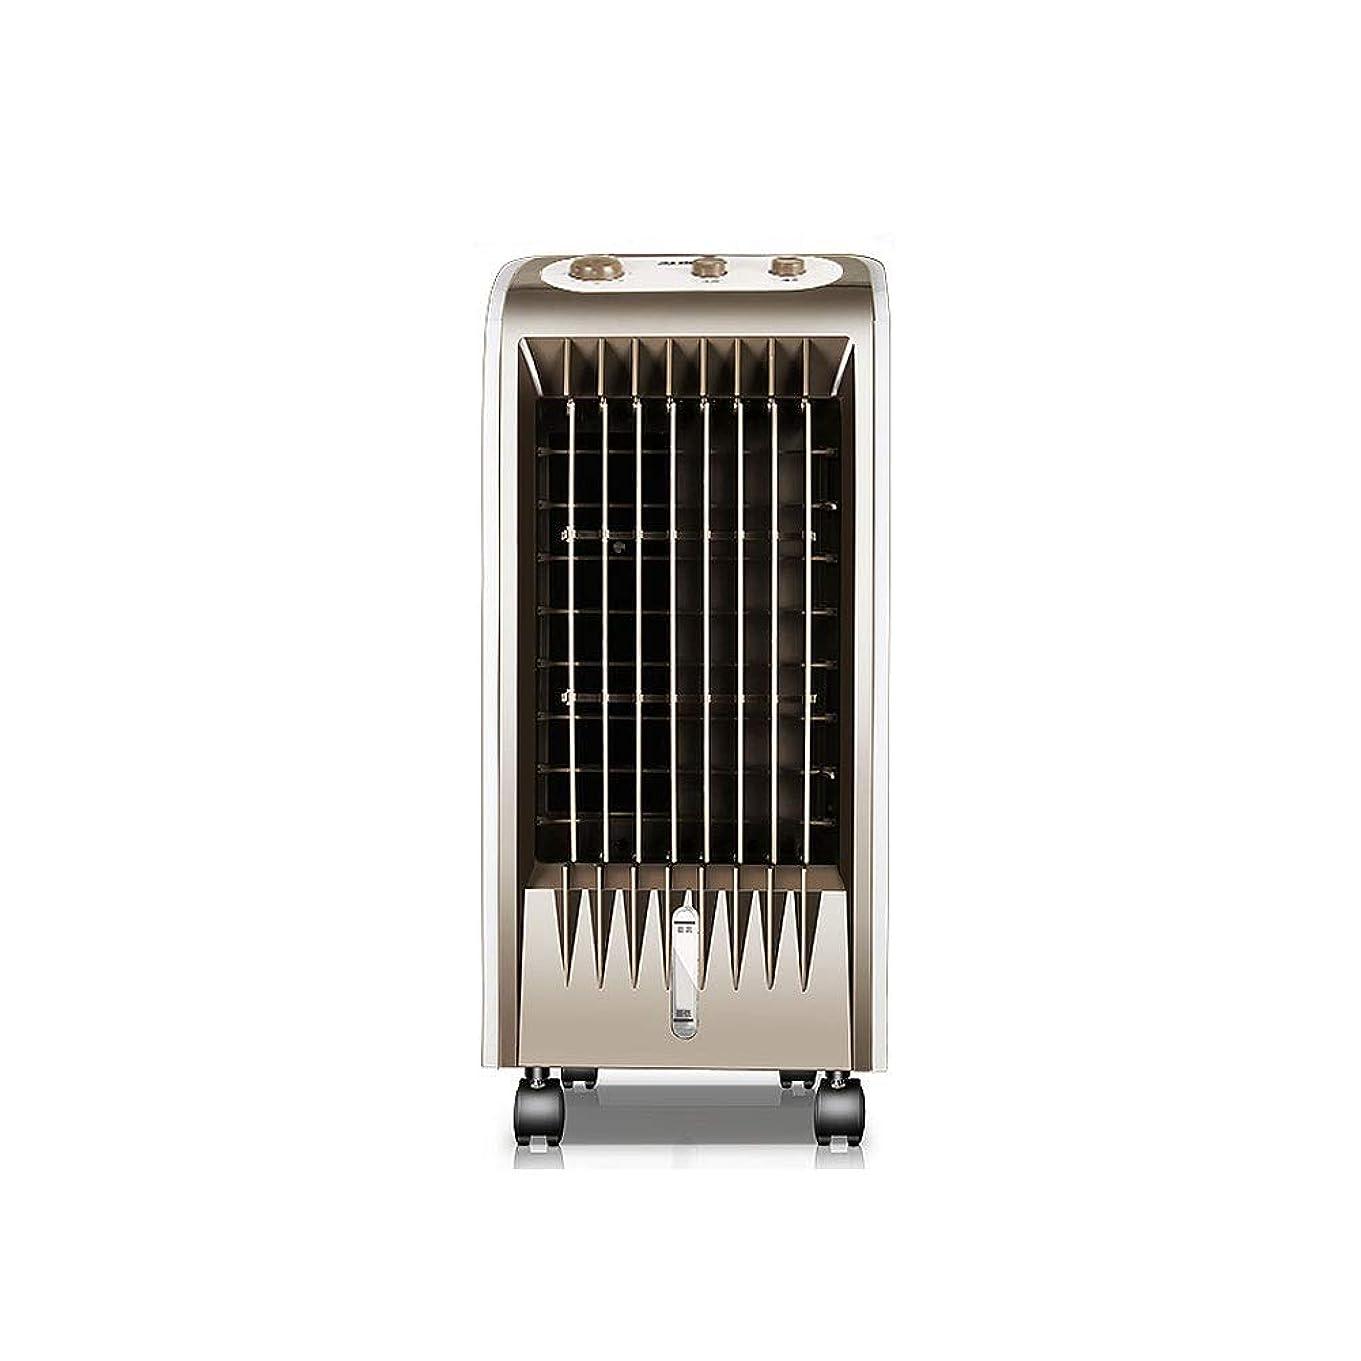 魔術師密輸体細胞YZJL-ポータブルエアコン 1のブラウンの携帯用空気クーラー、小さい3スピードエアコン、無声クーラー、加湿器および清浄器3つ